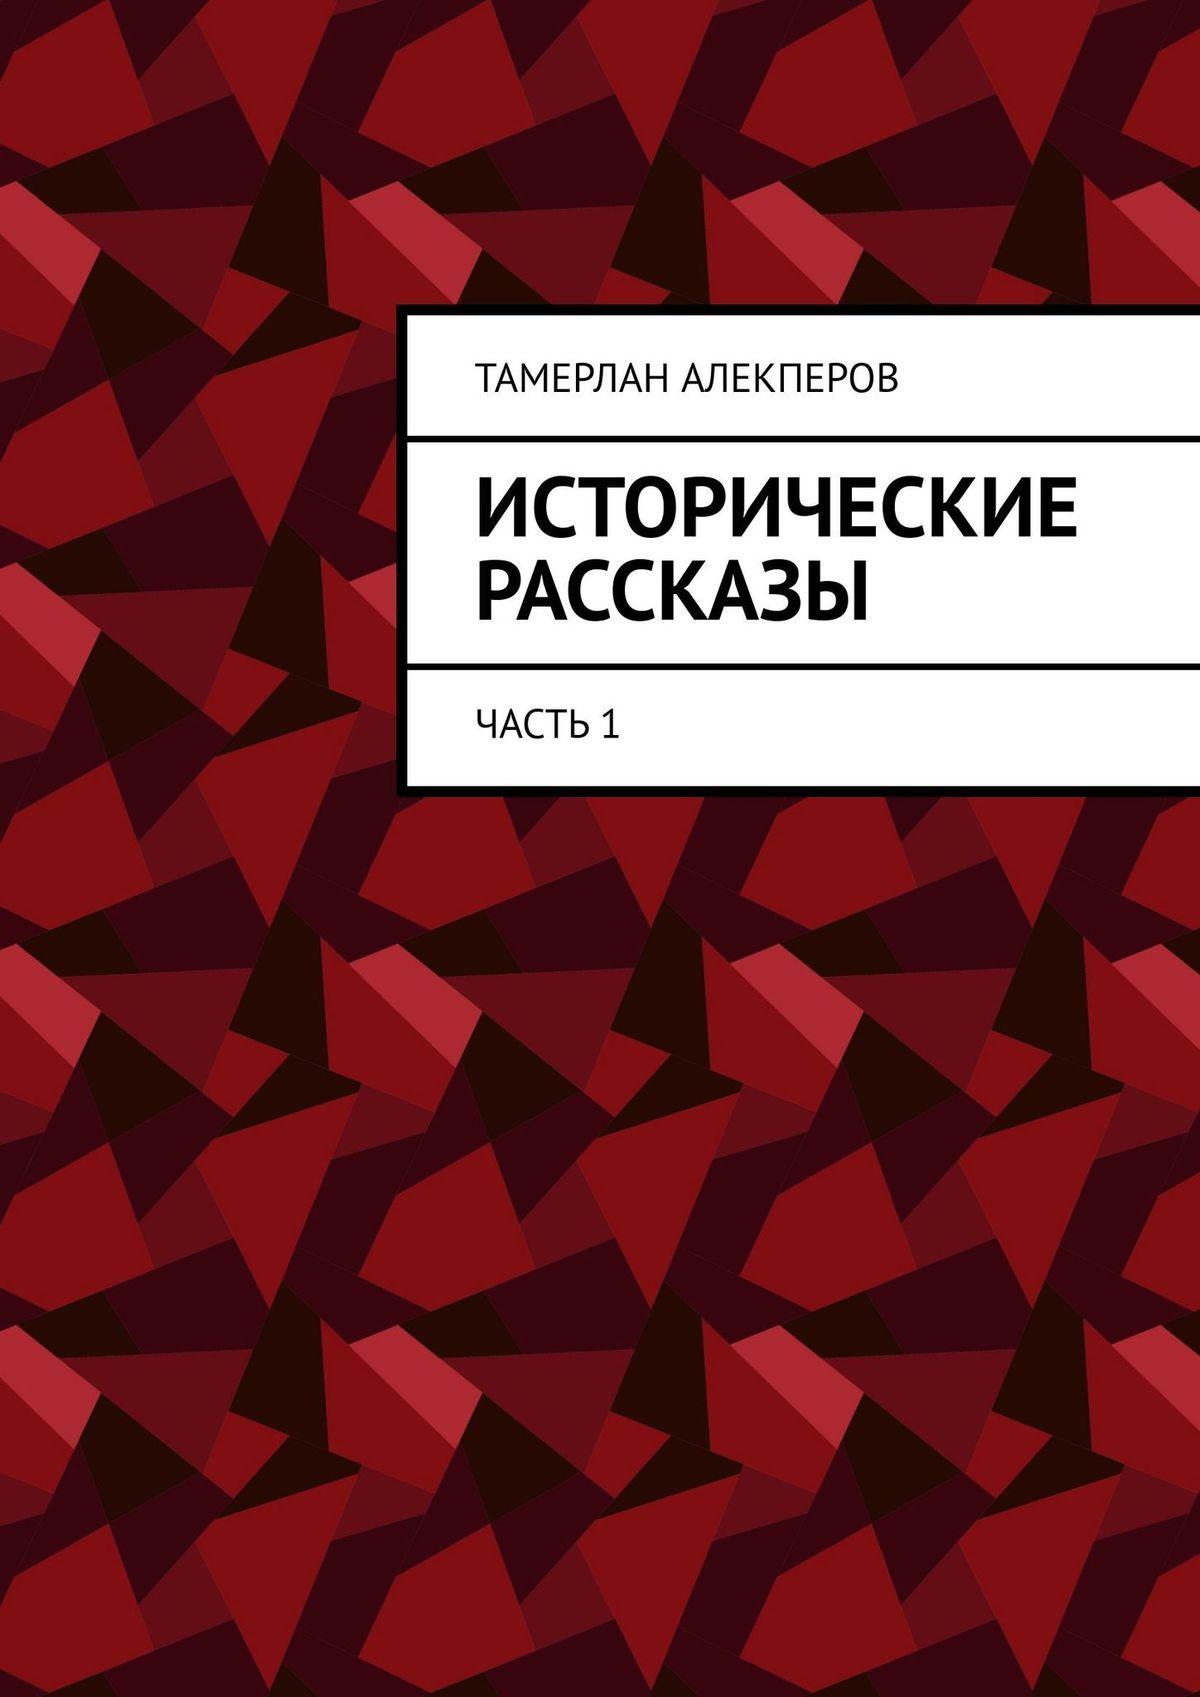 Тамерлан Алекперов Исторические рассказы. Часть1 а шардин исторические рассказы